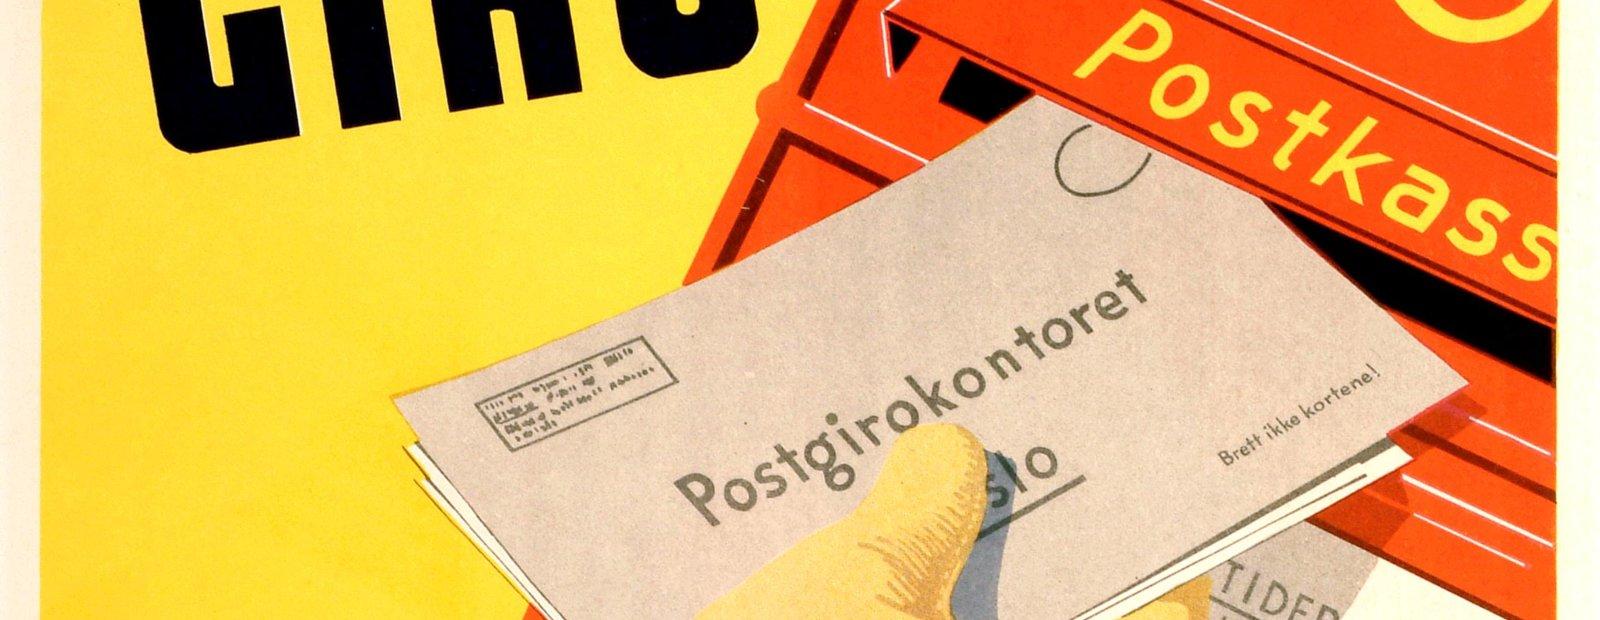 Plakat fra Postmuseet Maihaugen, Lillehammer